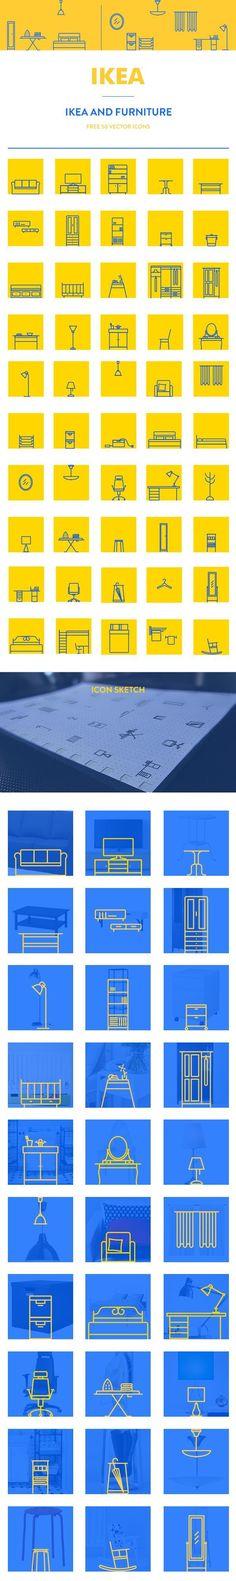 https://www.behance.net/gallery/23325933/IKEA-furniture-icon